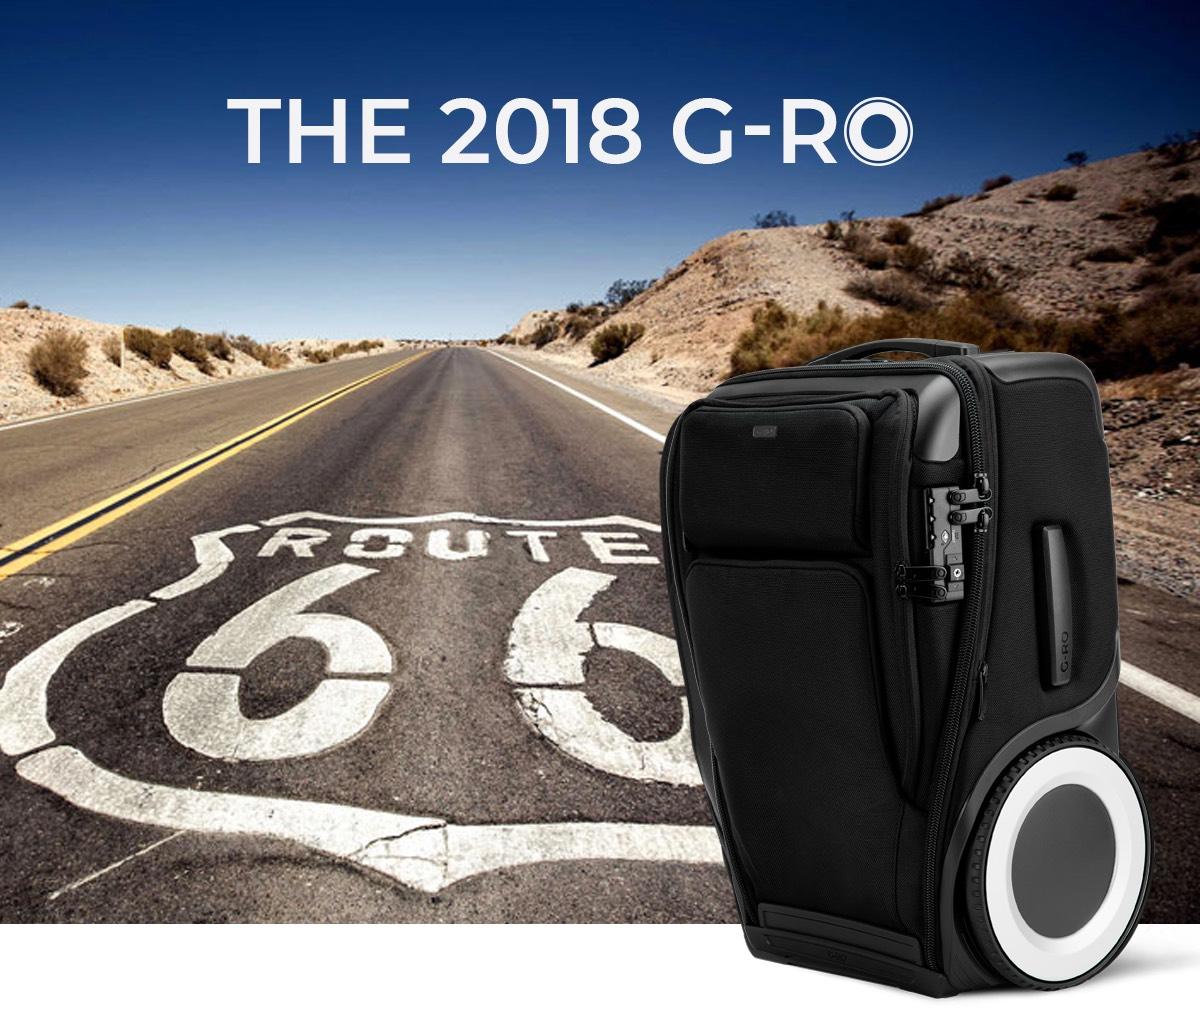 50$ Rabatt auf die 2018er G-Ro Trolleys mit Gutscheincode GR201850 bis 01.04.2018